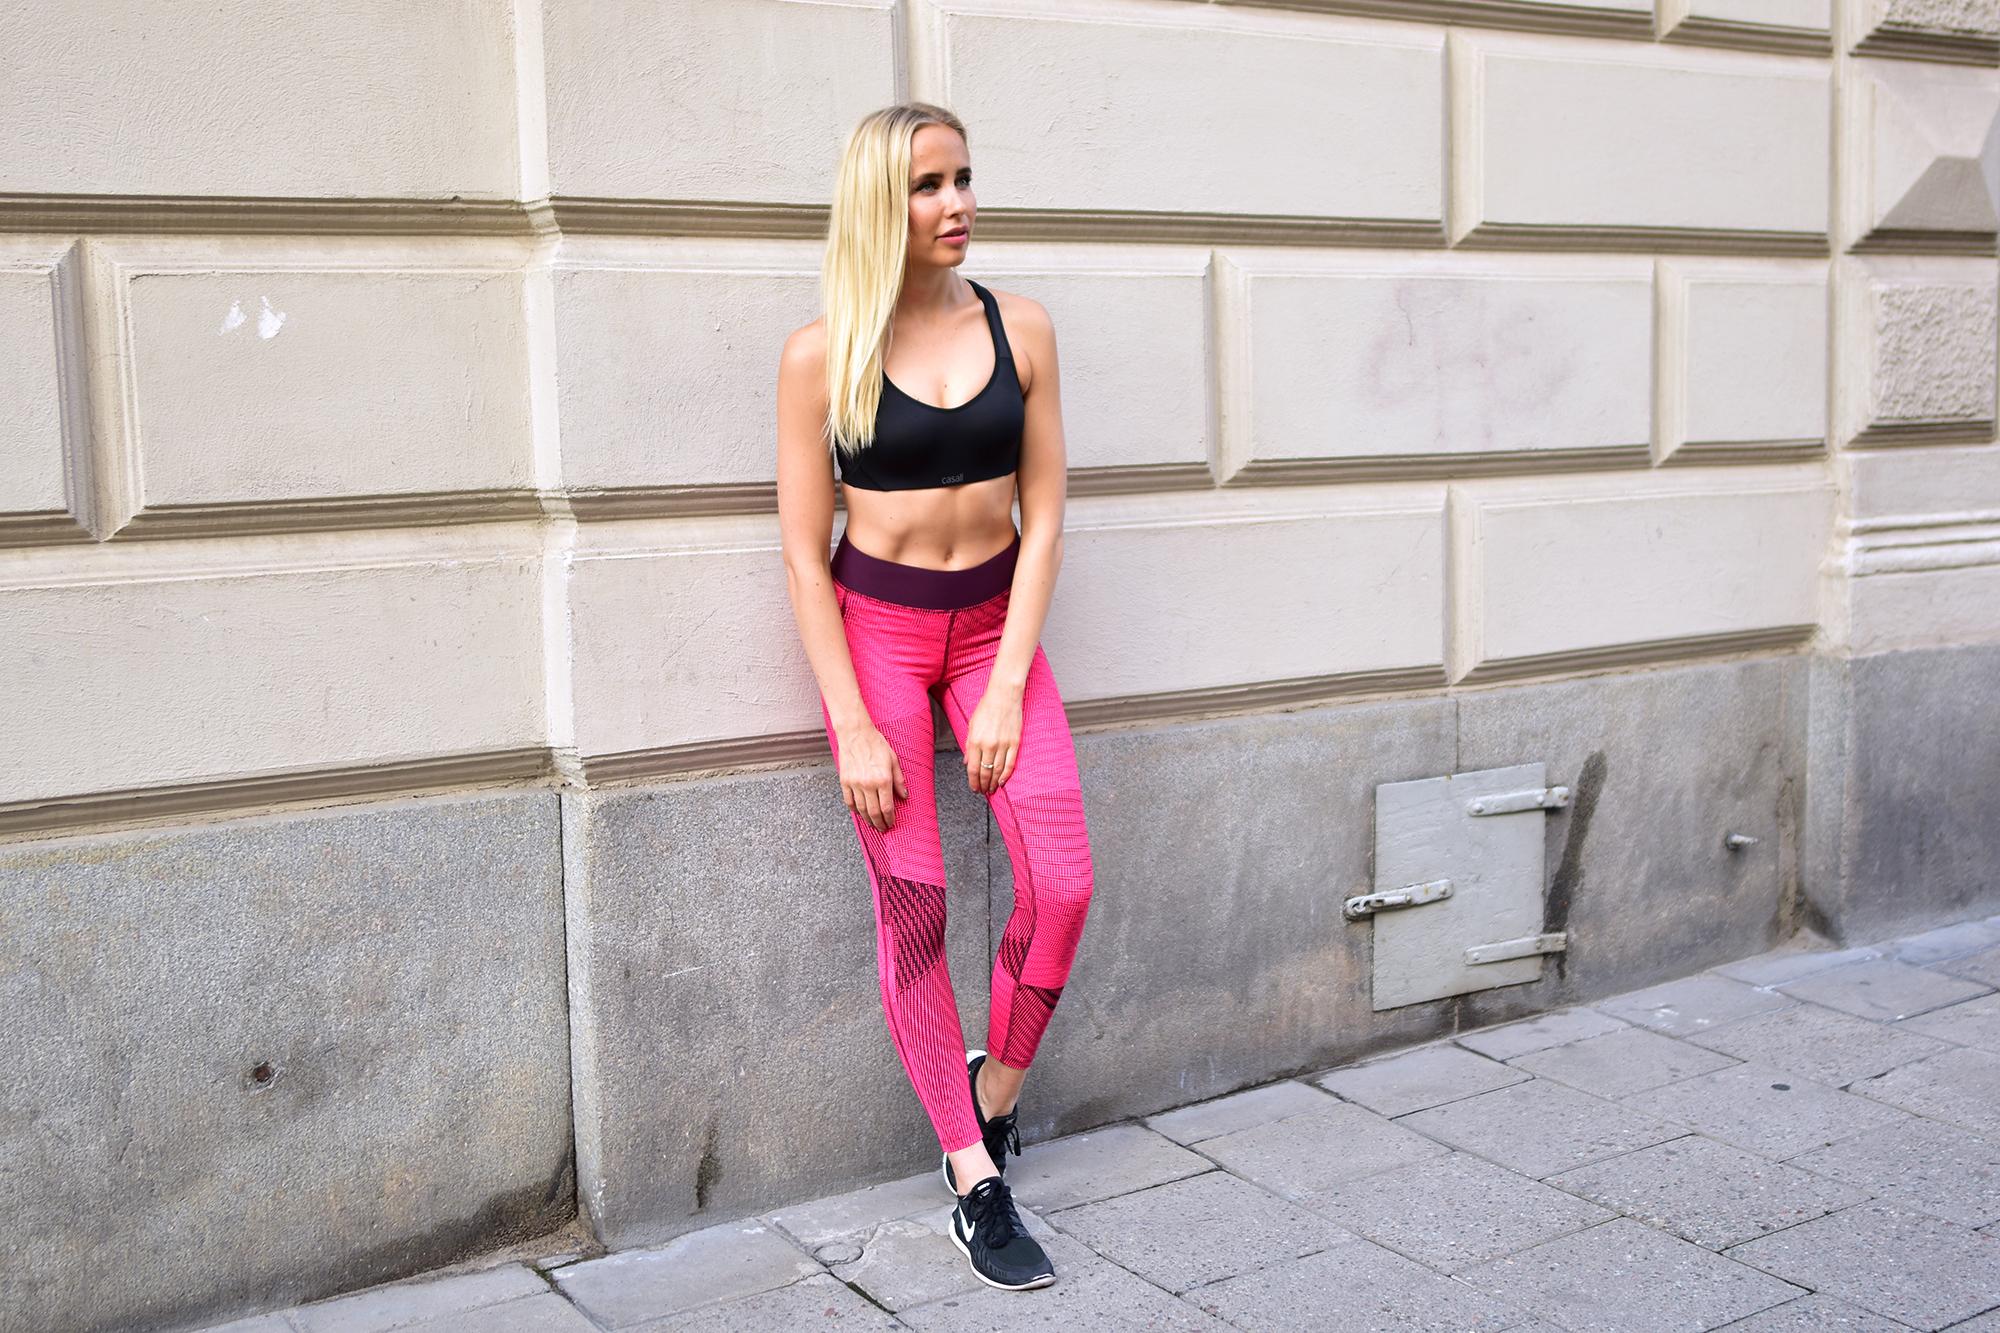 casall träning kläder tights träningskläder